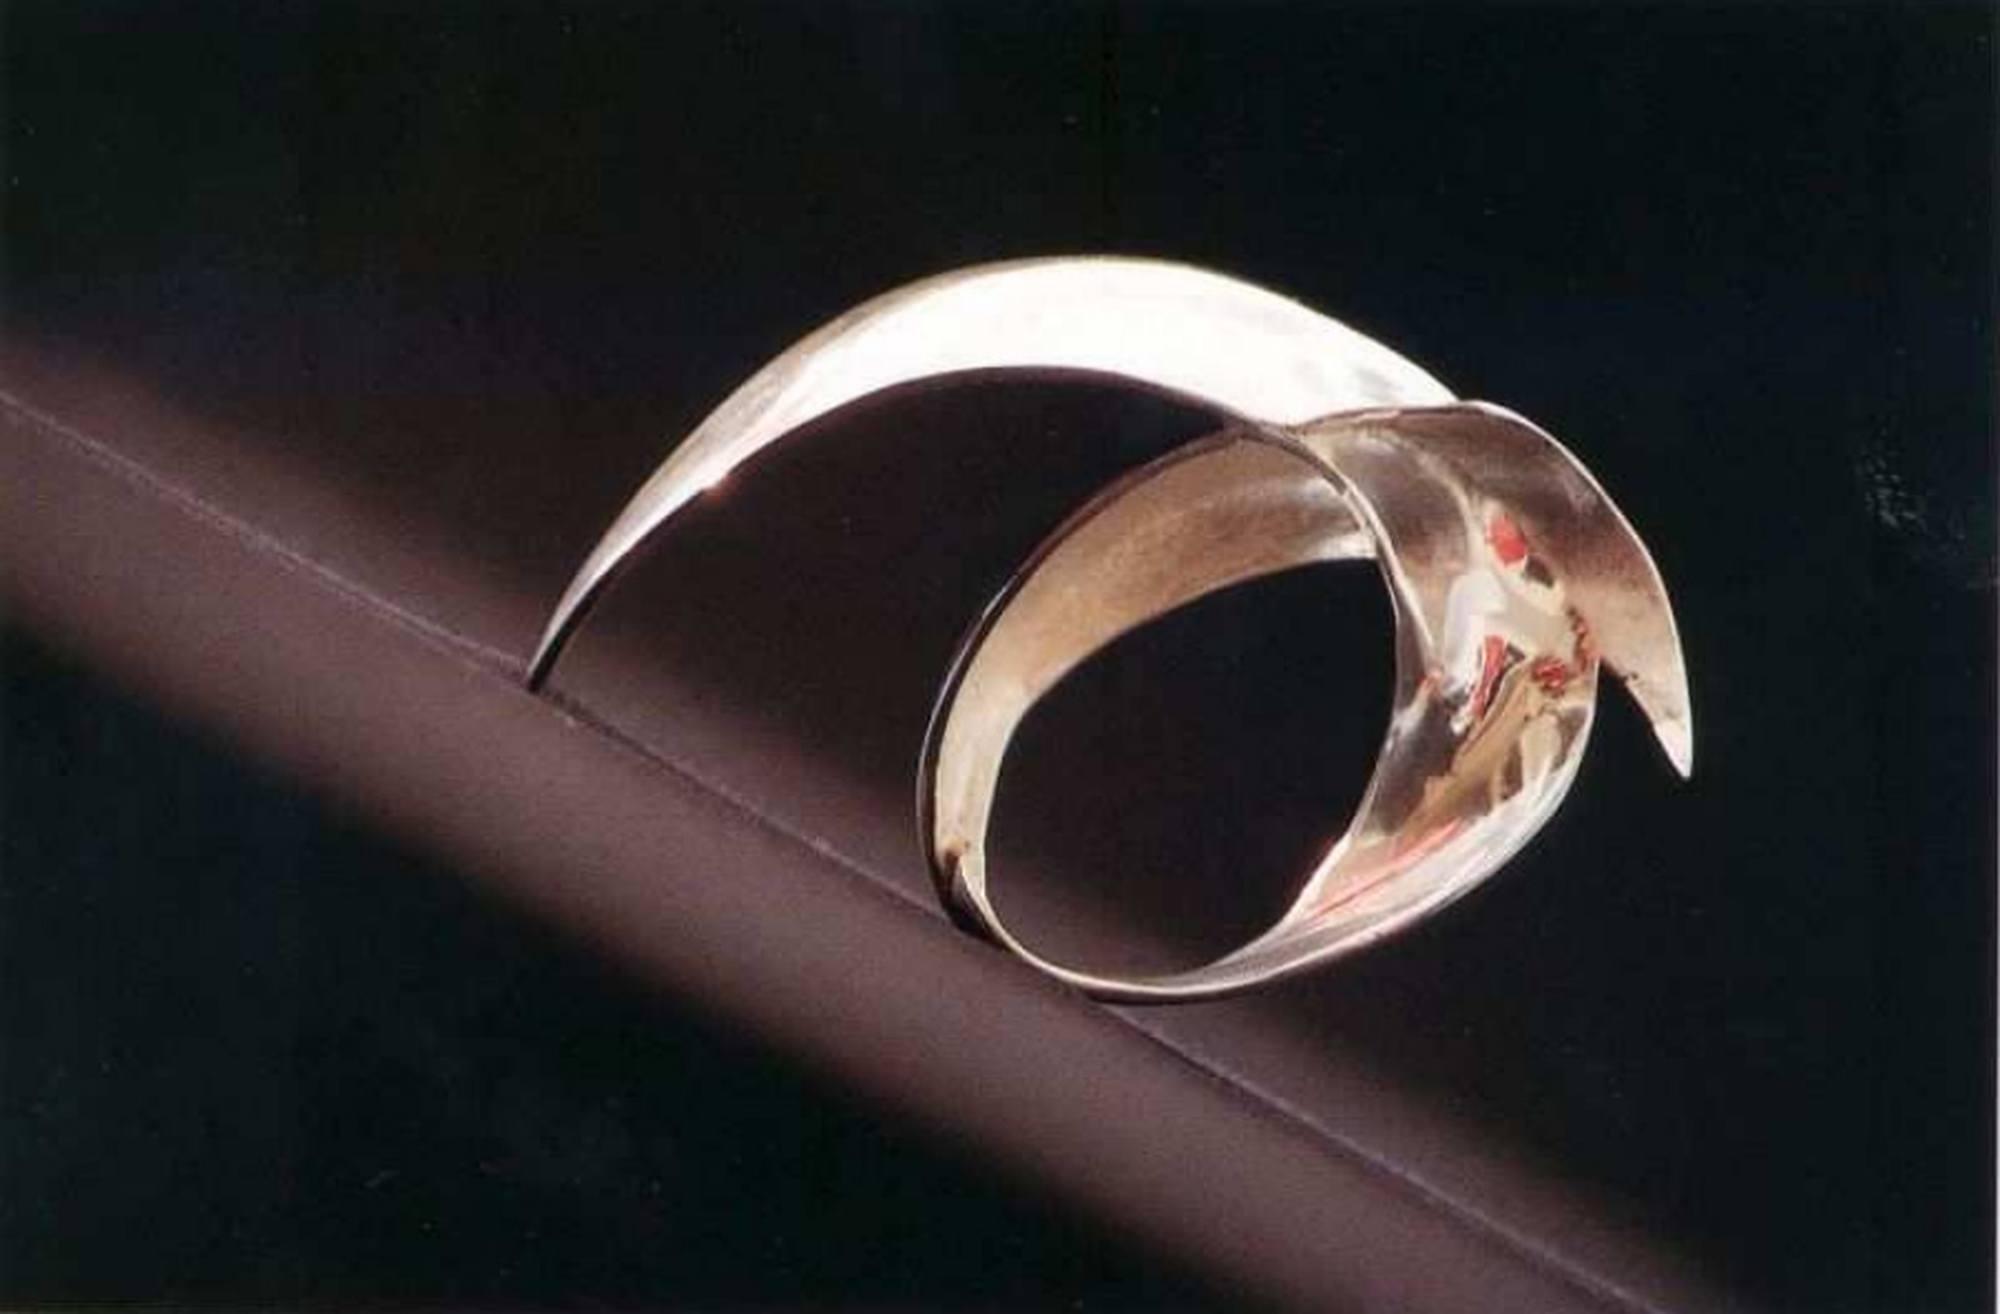 Le prix est une sculpture en argent représentant des trajectoires de particules près d'un trou noir métrique Kerr en rotation.